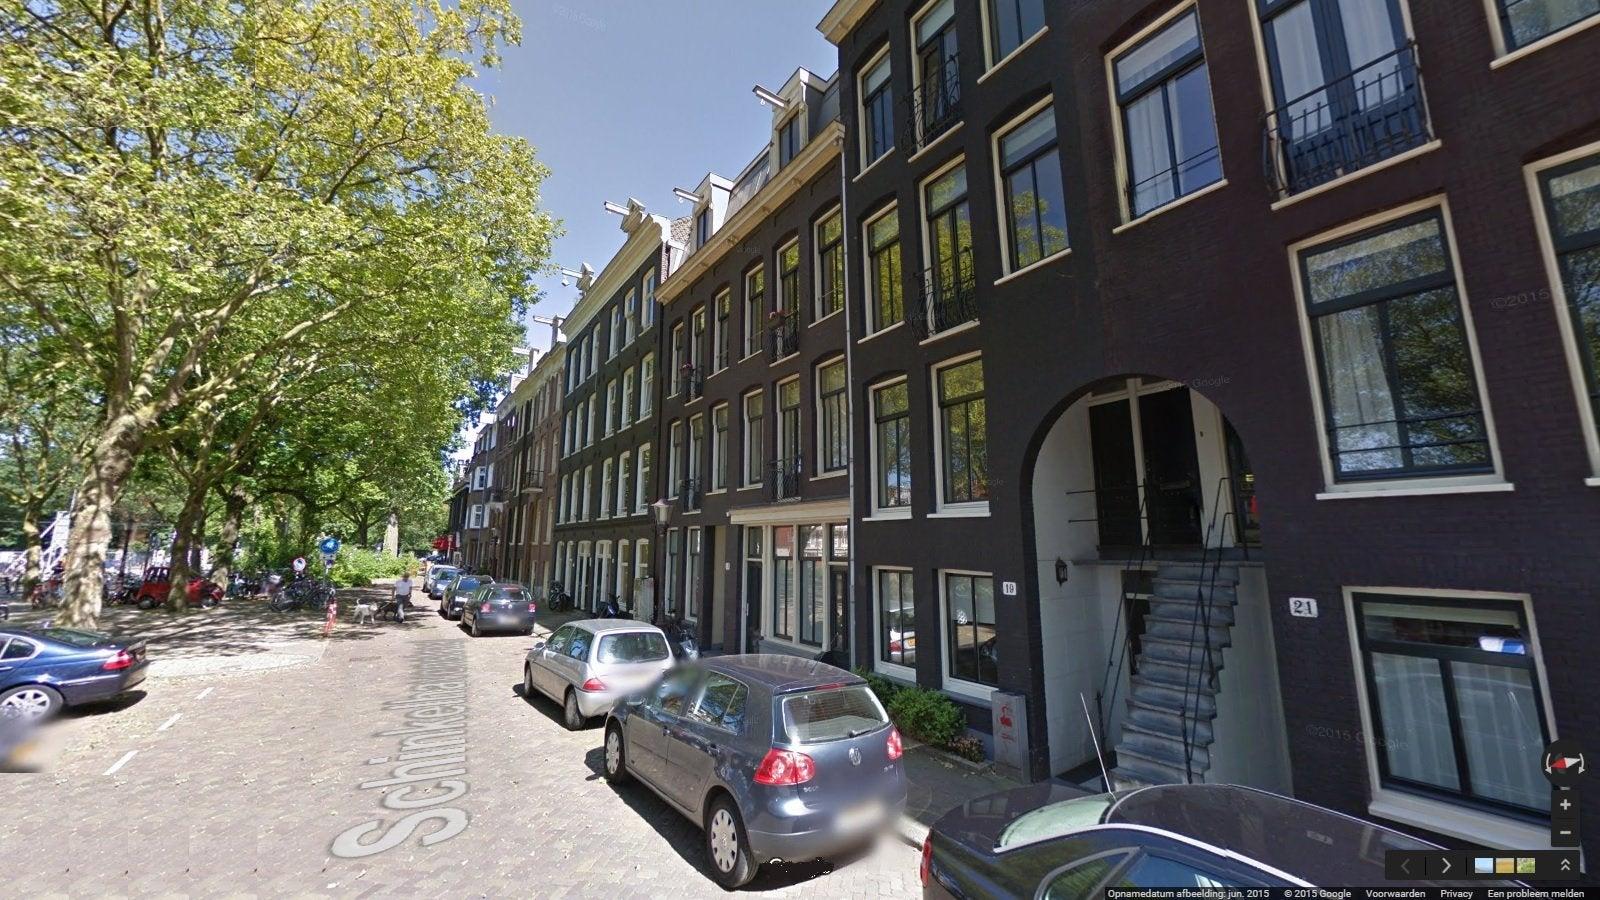 Schinkelhavenstraat